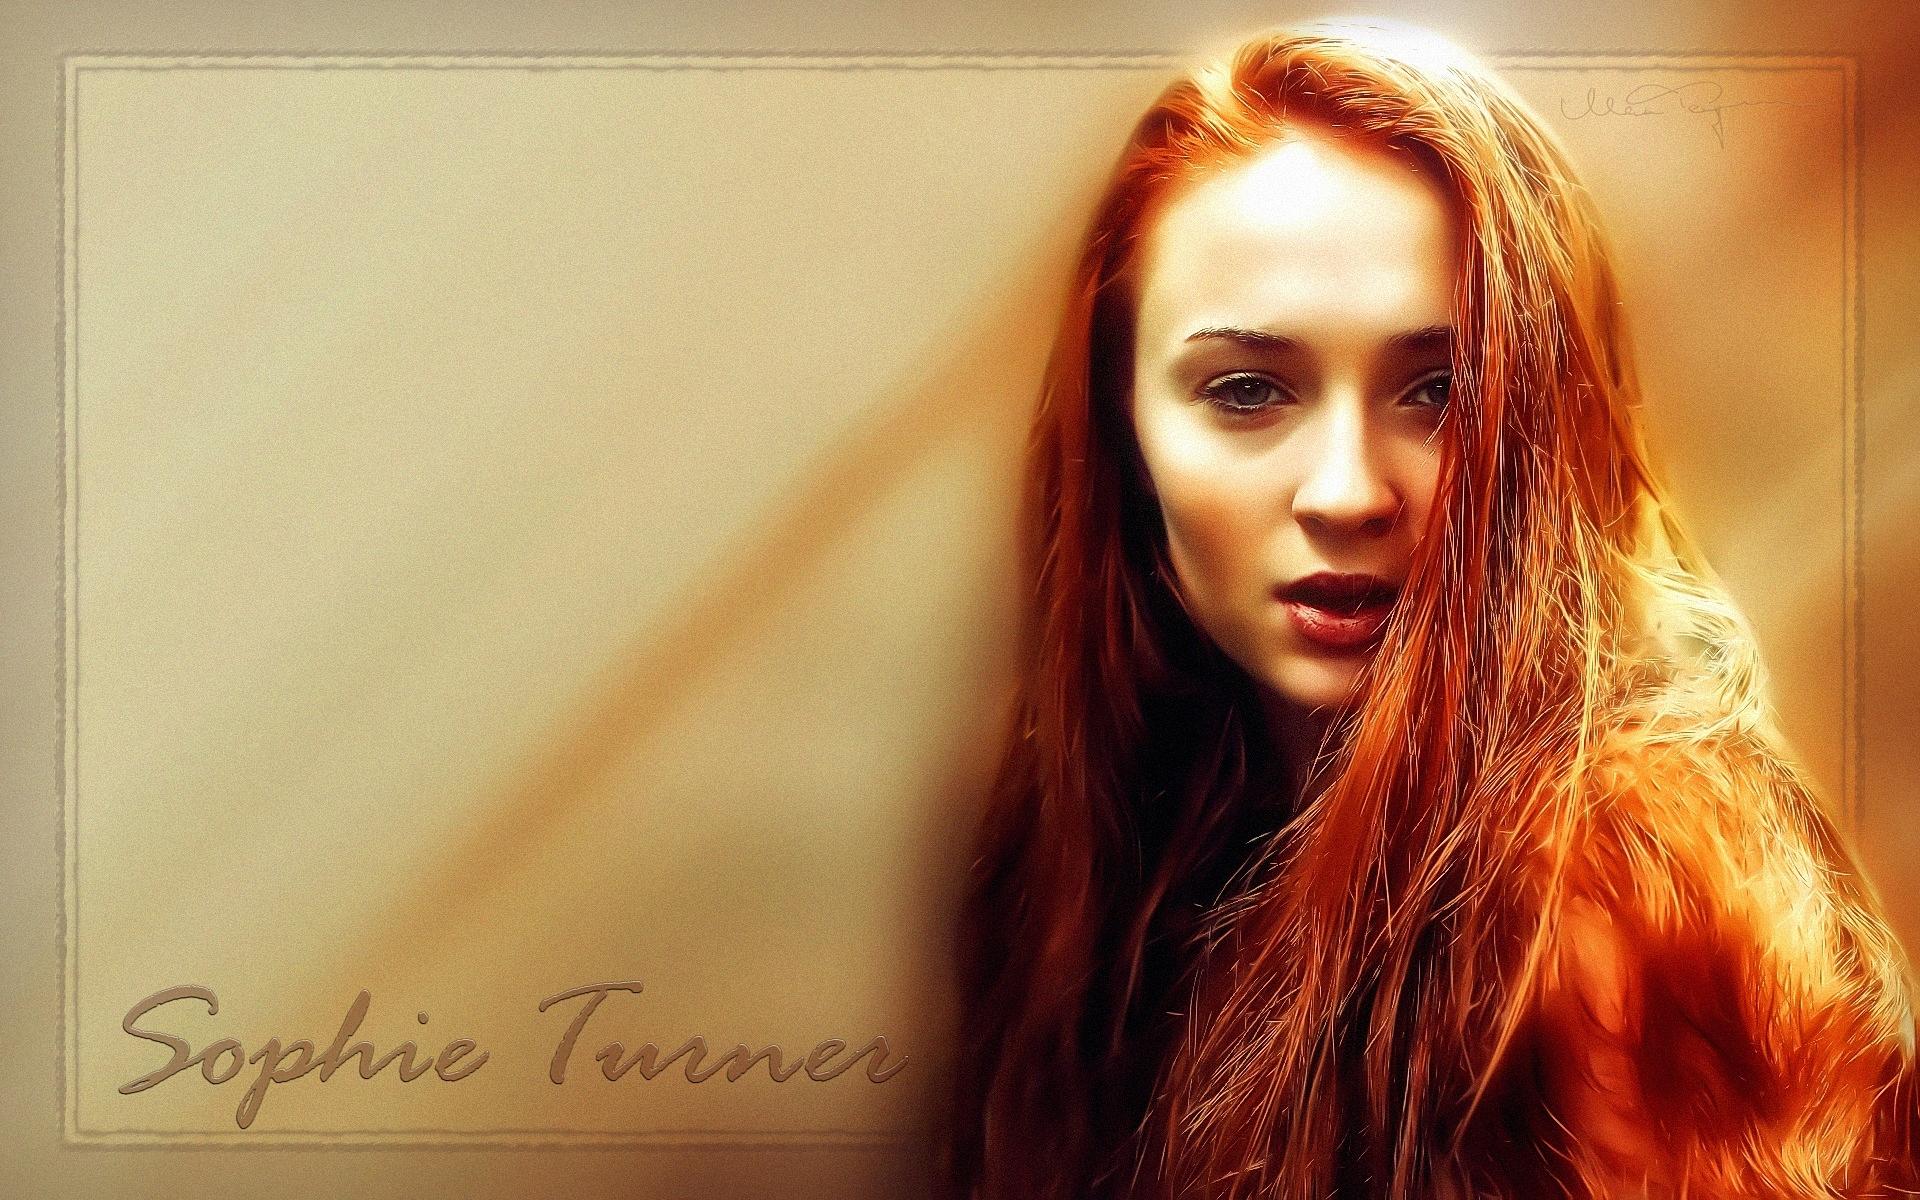 Images Of Sophie Turner